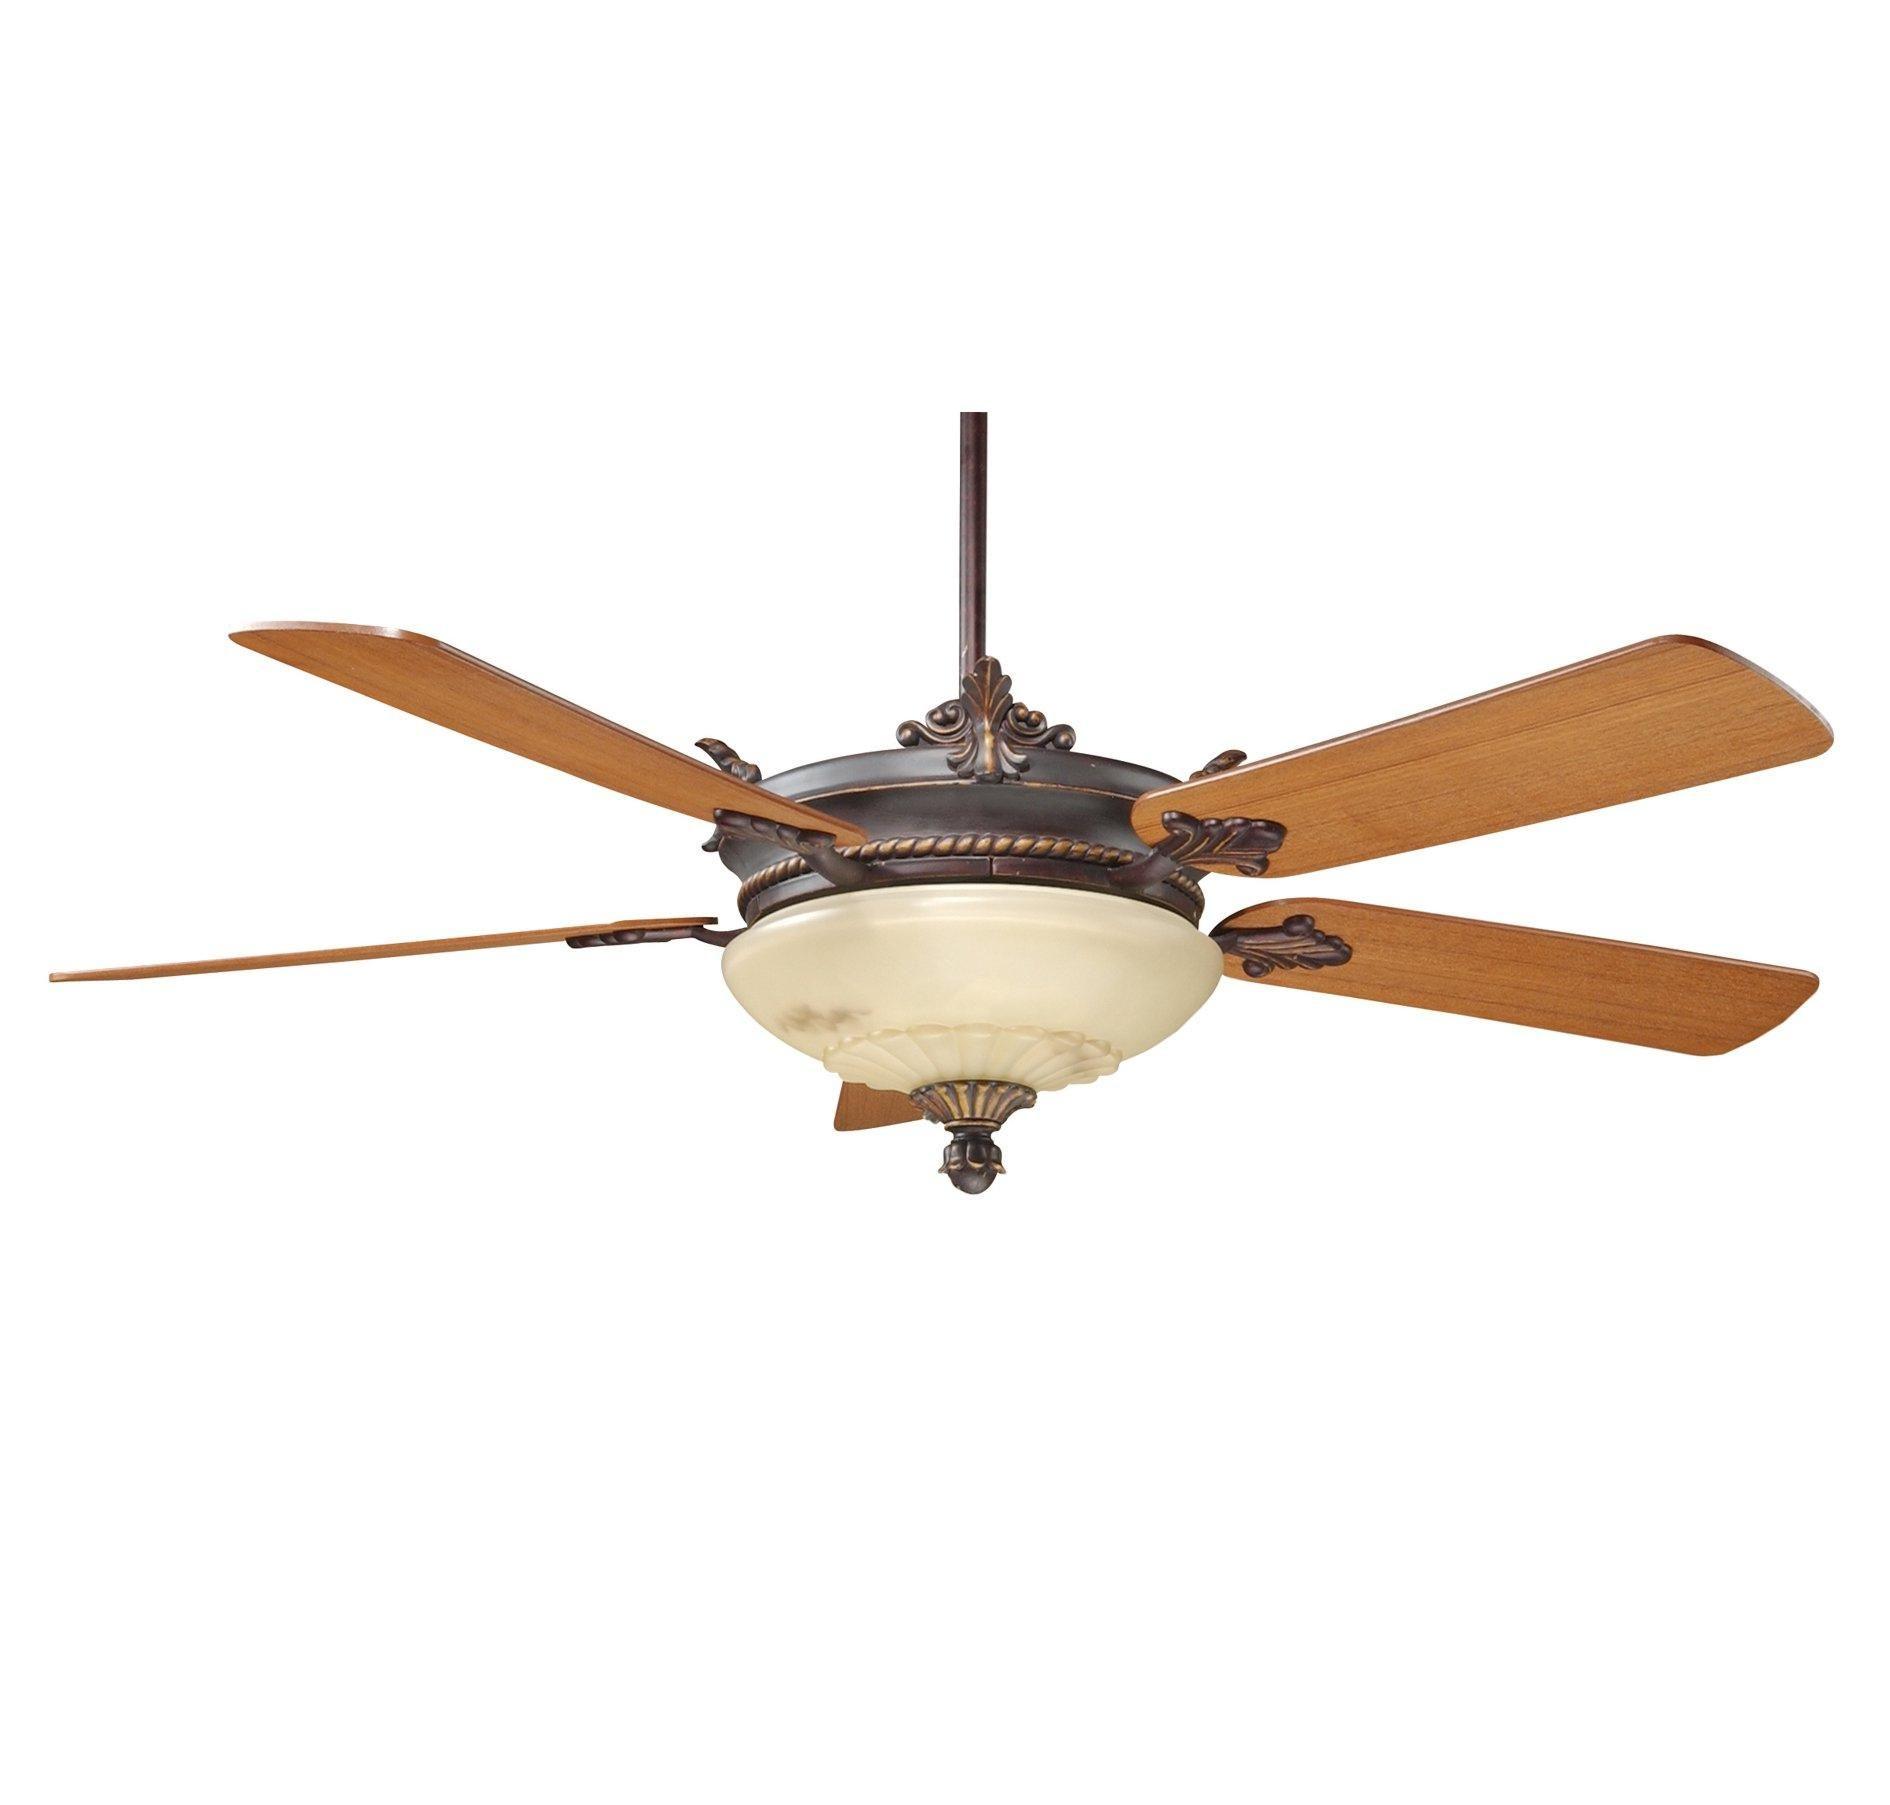 Savoy House Bristol Sv 52 15 5tk 16 Airflow Rating 5339 Cfm Cubic Feet Per Minute Ceiling Fan Antique Ceiling Fans Vintage Ceiling Fans